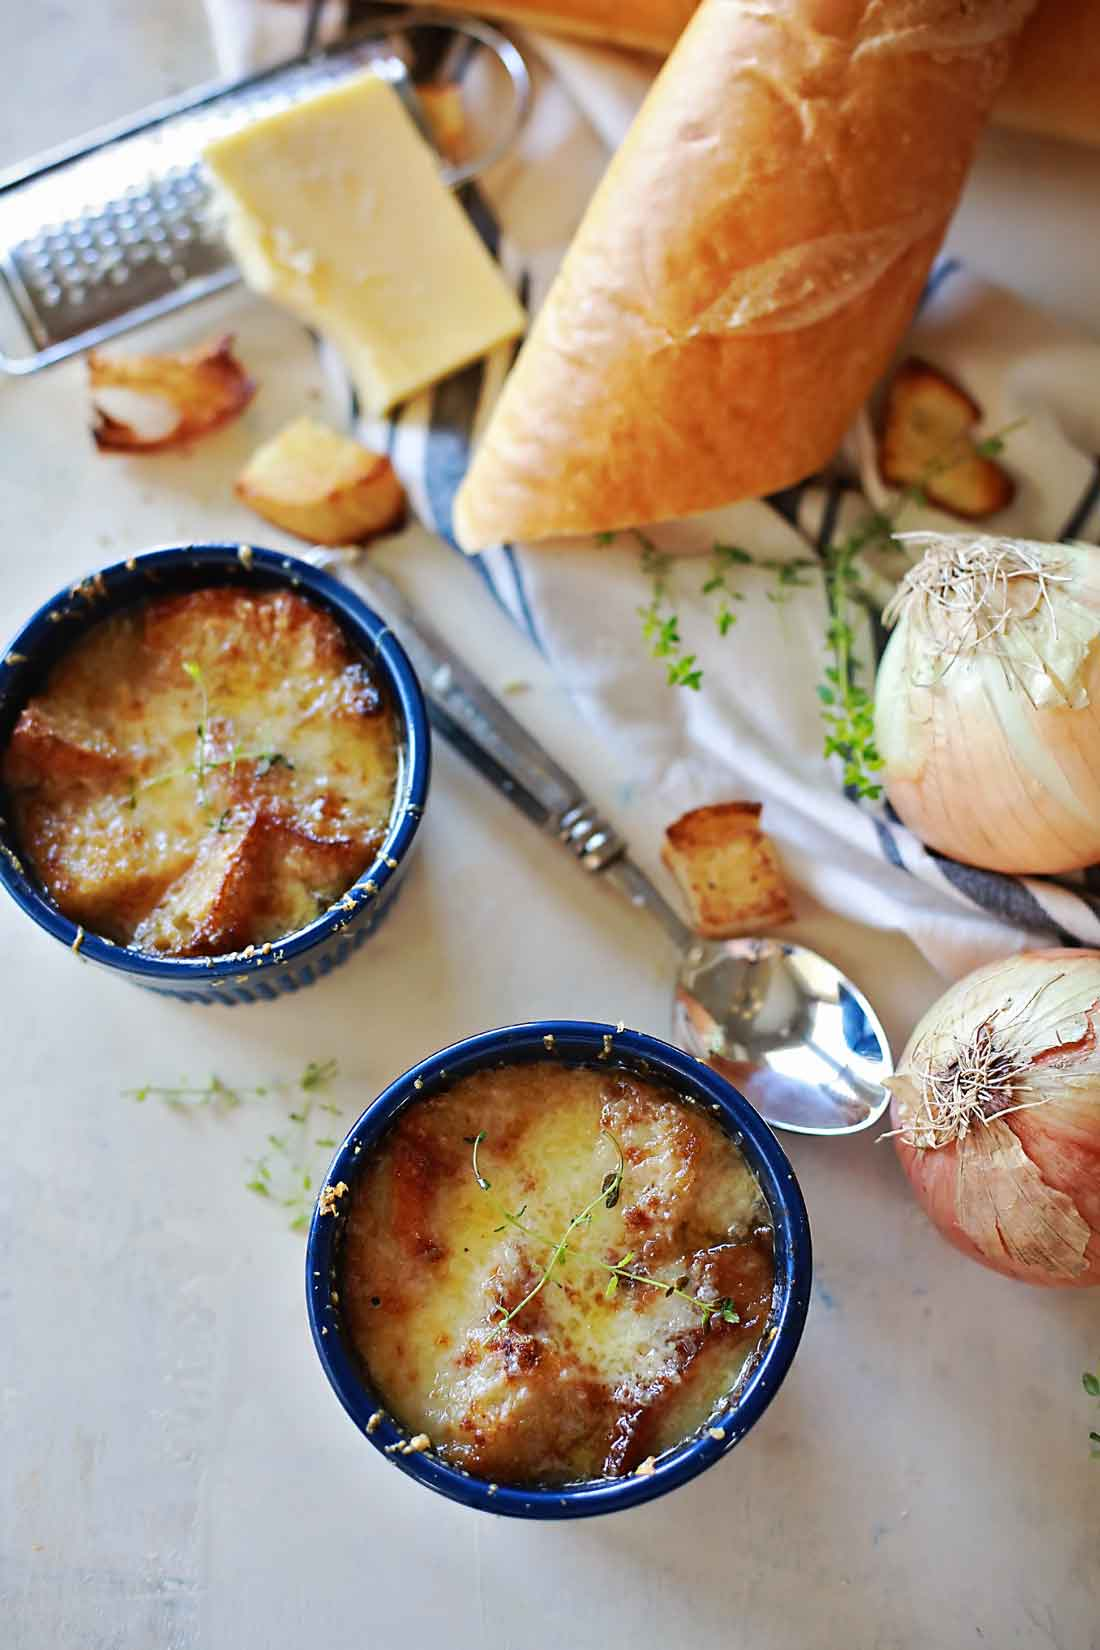 Delicious Onion Soup recipe!